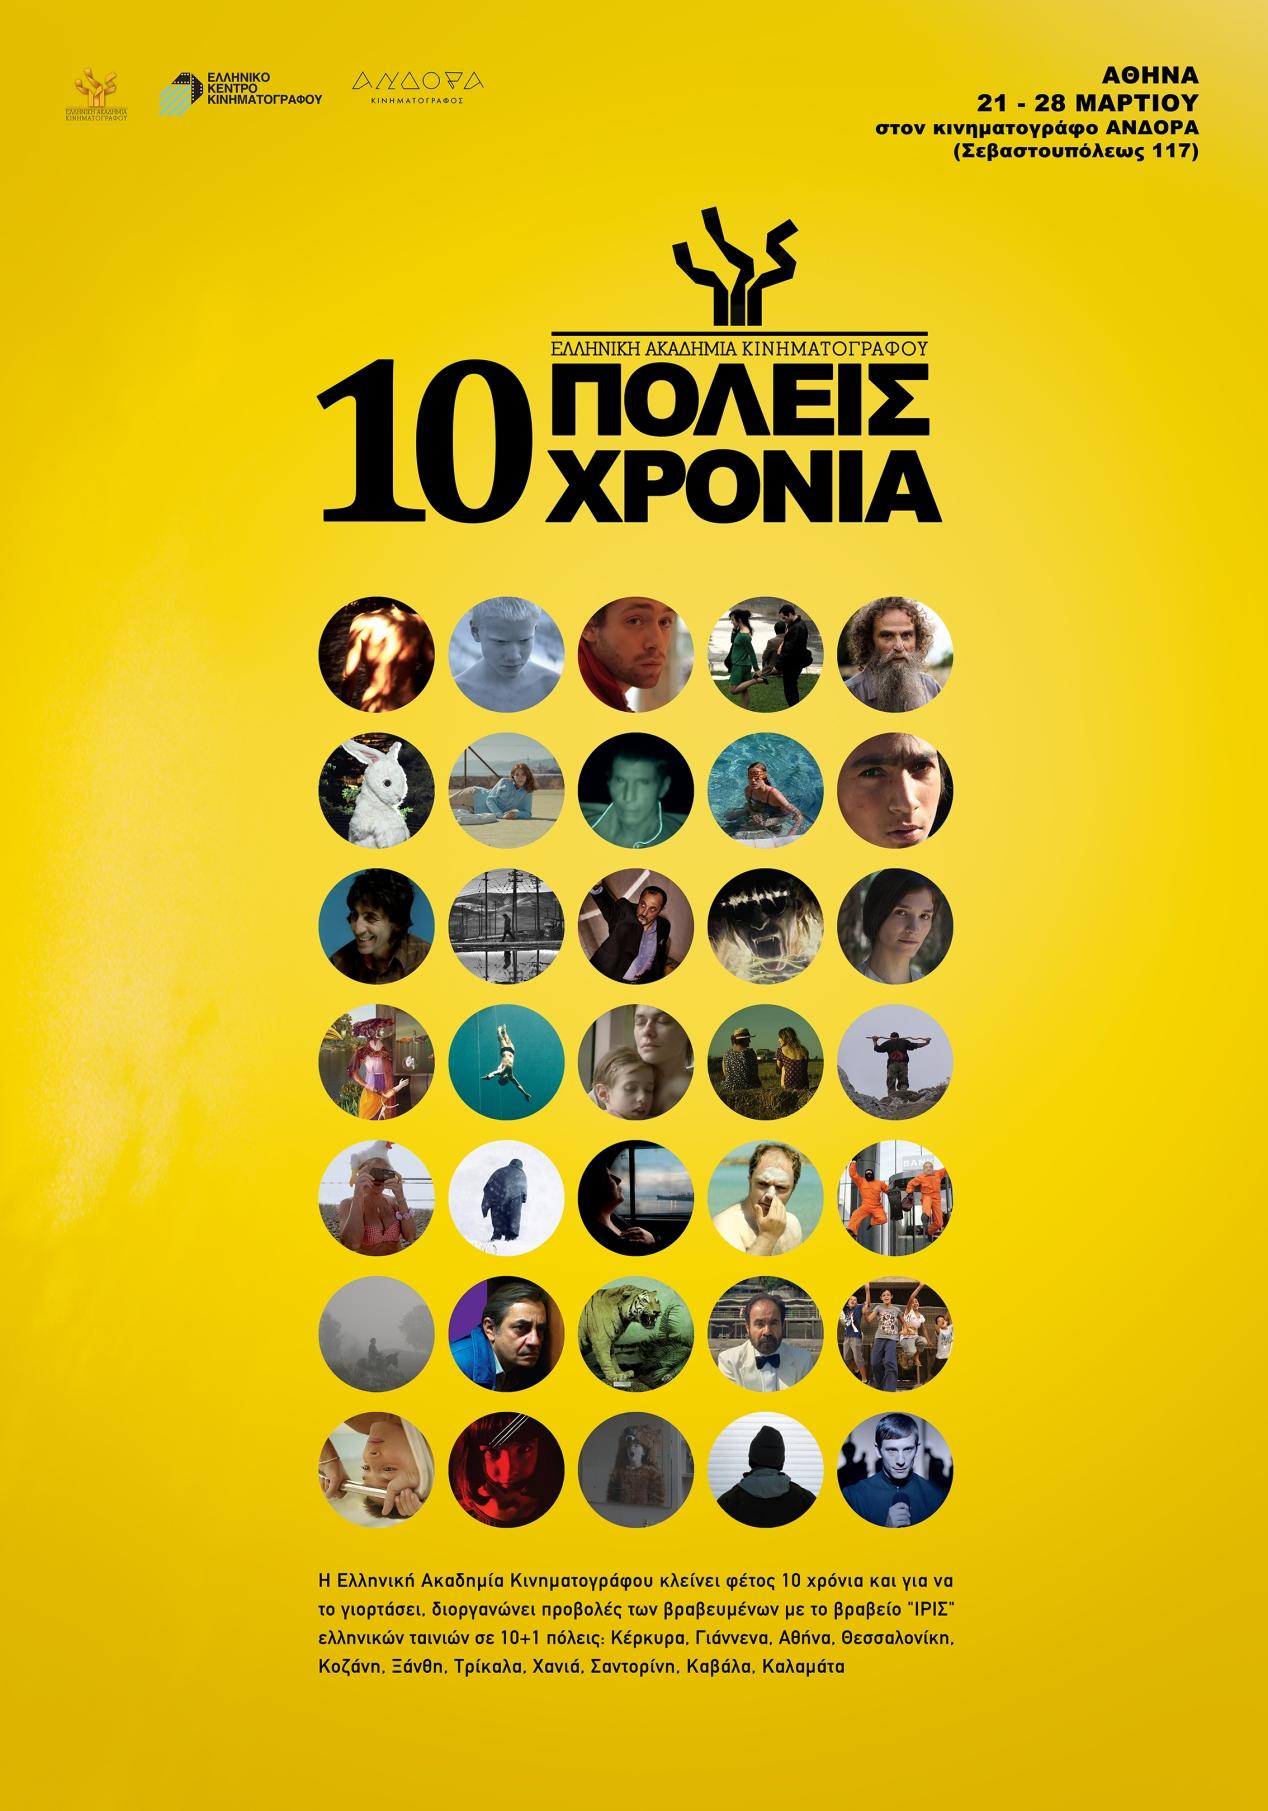 c3ac936caec0 Η Ελληνική Ακαδημία Κινηματογράφου κλείνει τα 10 της χρόνια